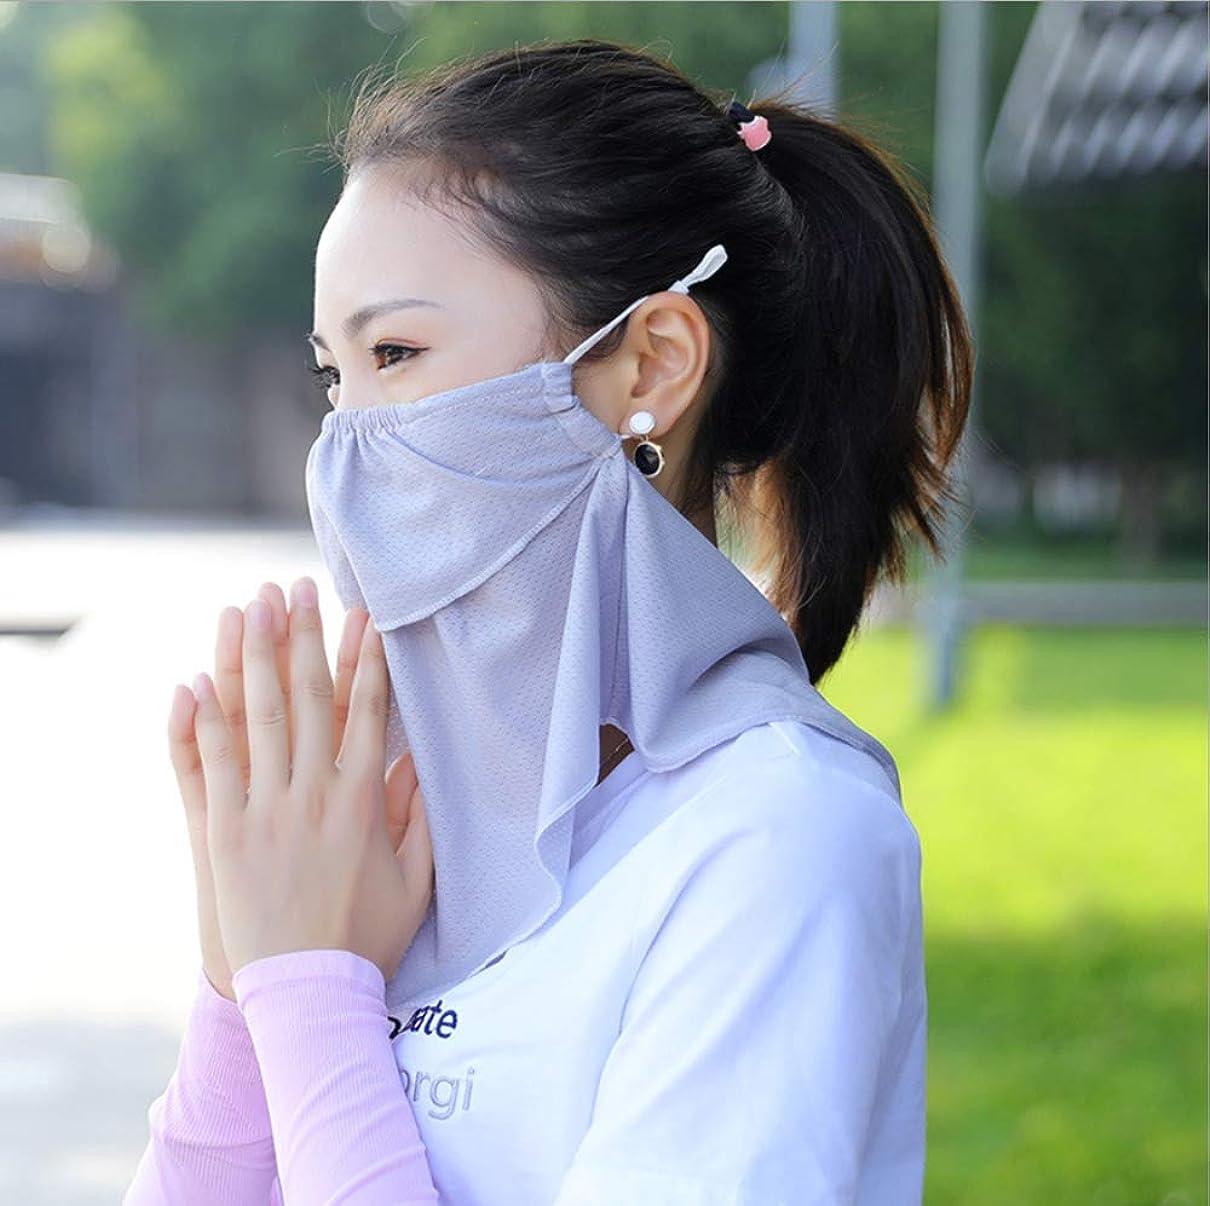 絡み合い問い合わせジャンクションCasomiフェイスカバー冷感 ネックガード鼻部分開口で呼吸しやすいラッシュガーくない 冷感保護日焼け止め防塵UPF 50 + UV通気性軽量滑り止め 日焼け防止フェイスマスク